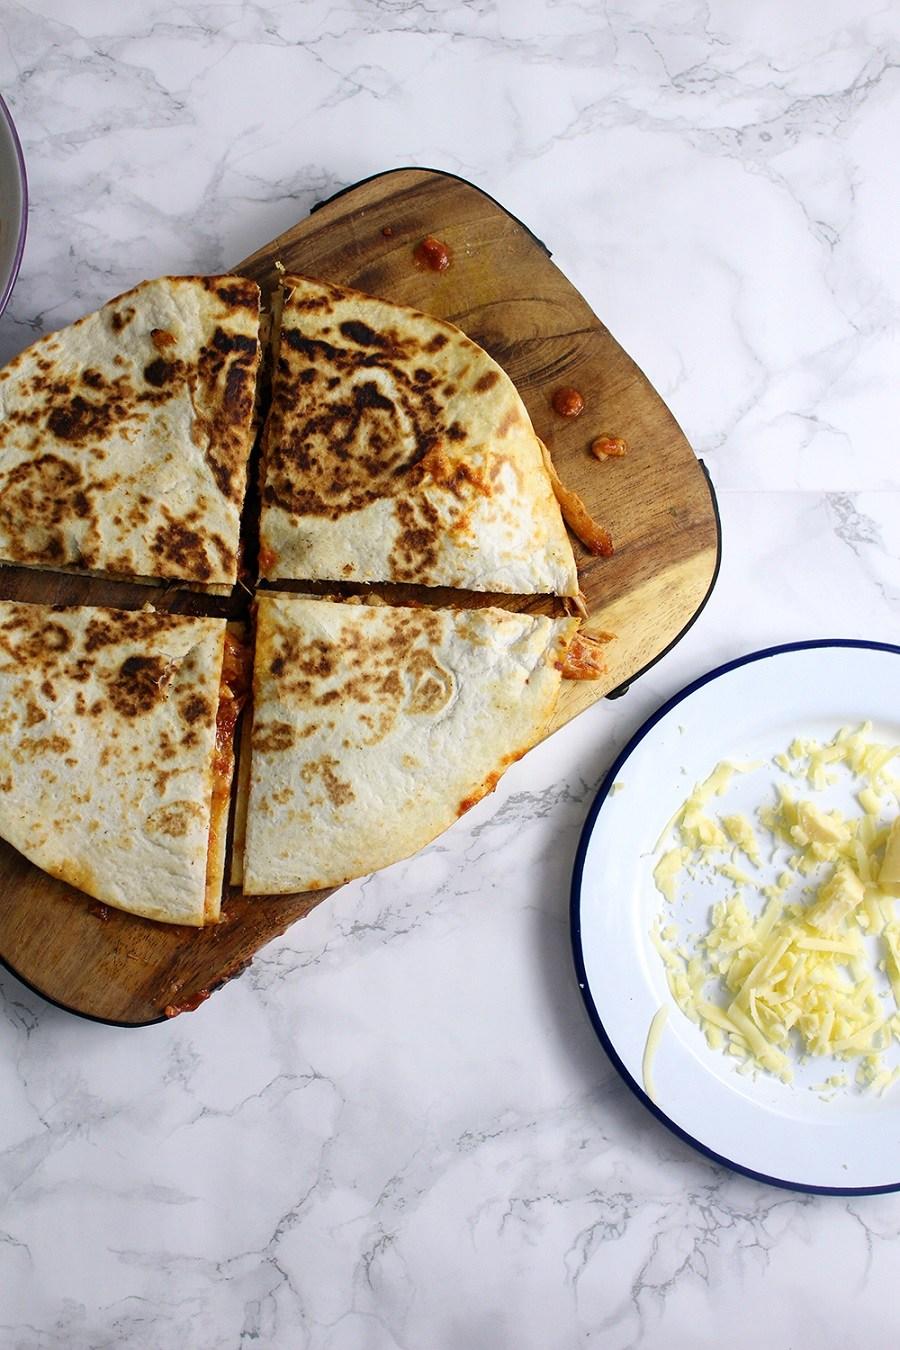 chipotle-chicken-quesadilla-3-3